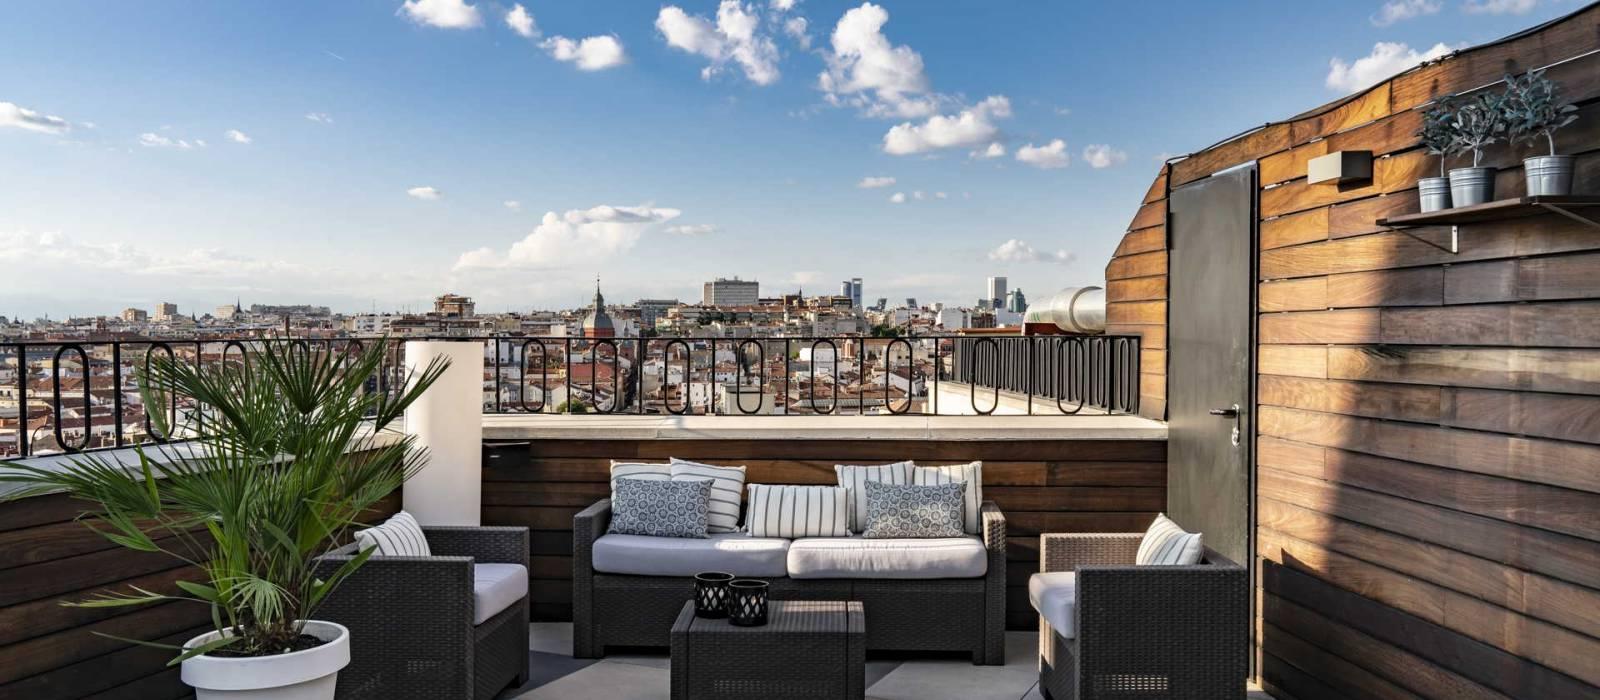 Sommerterrasse Roof 66 - Vincci Madrid Gran Vía